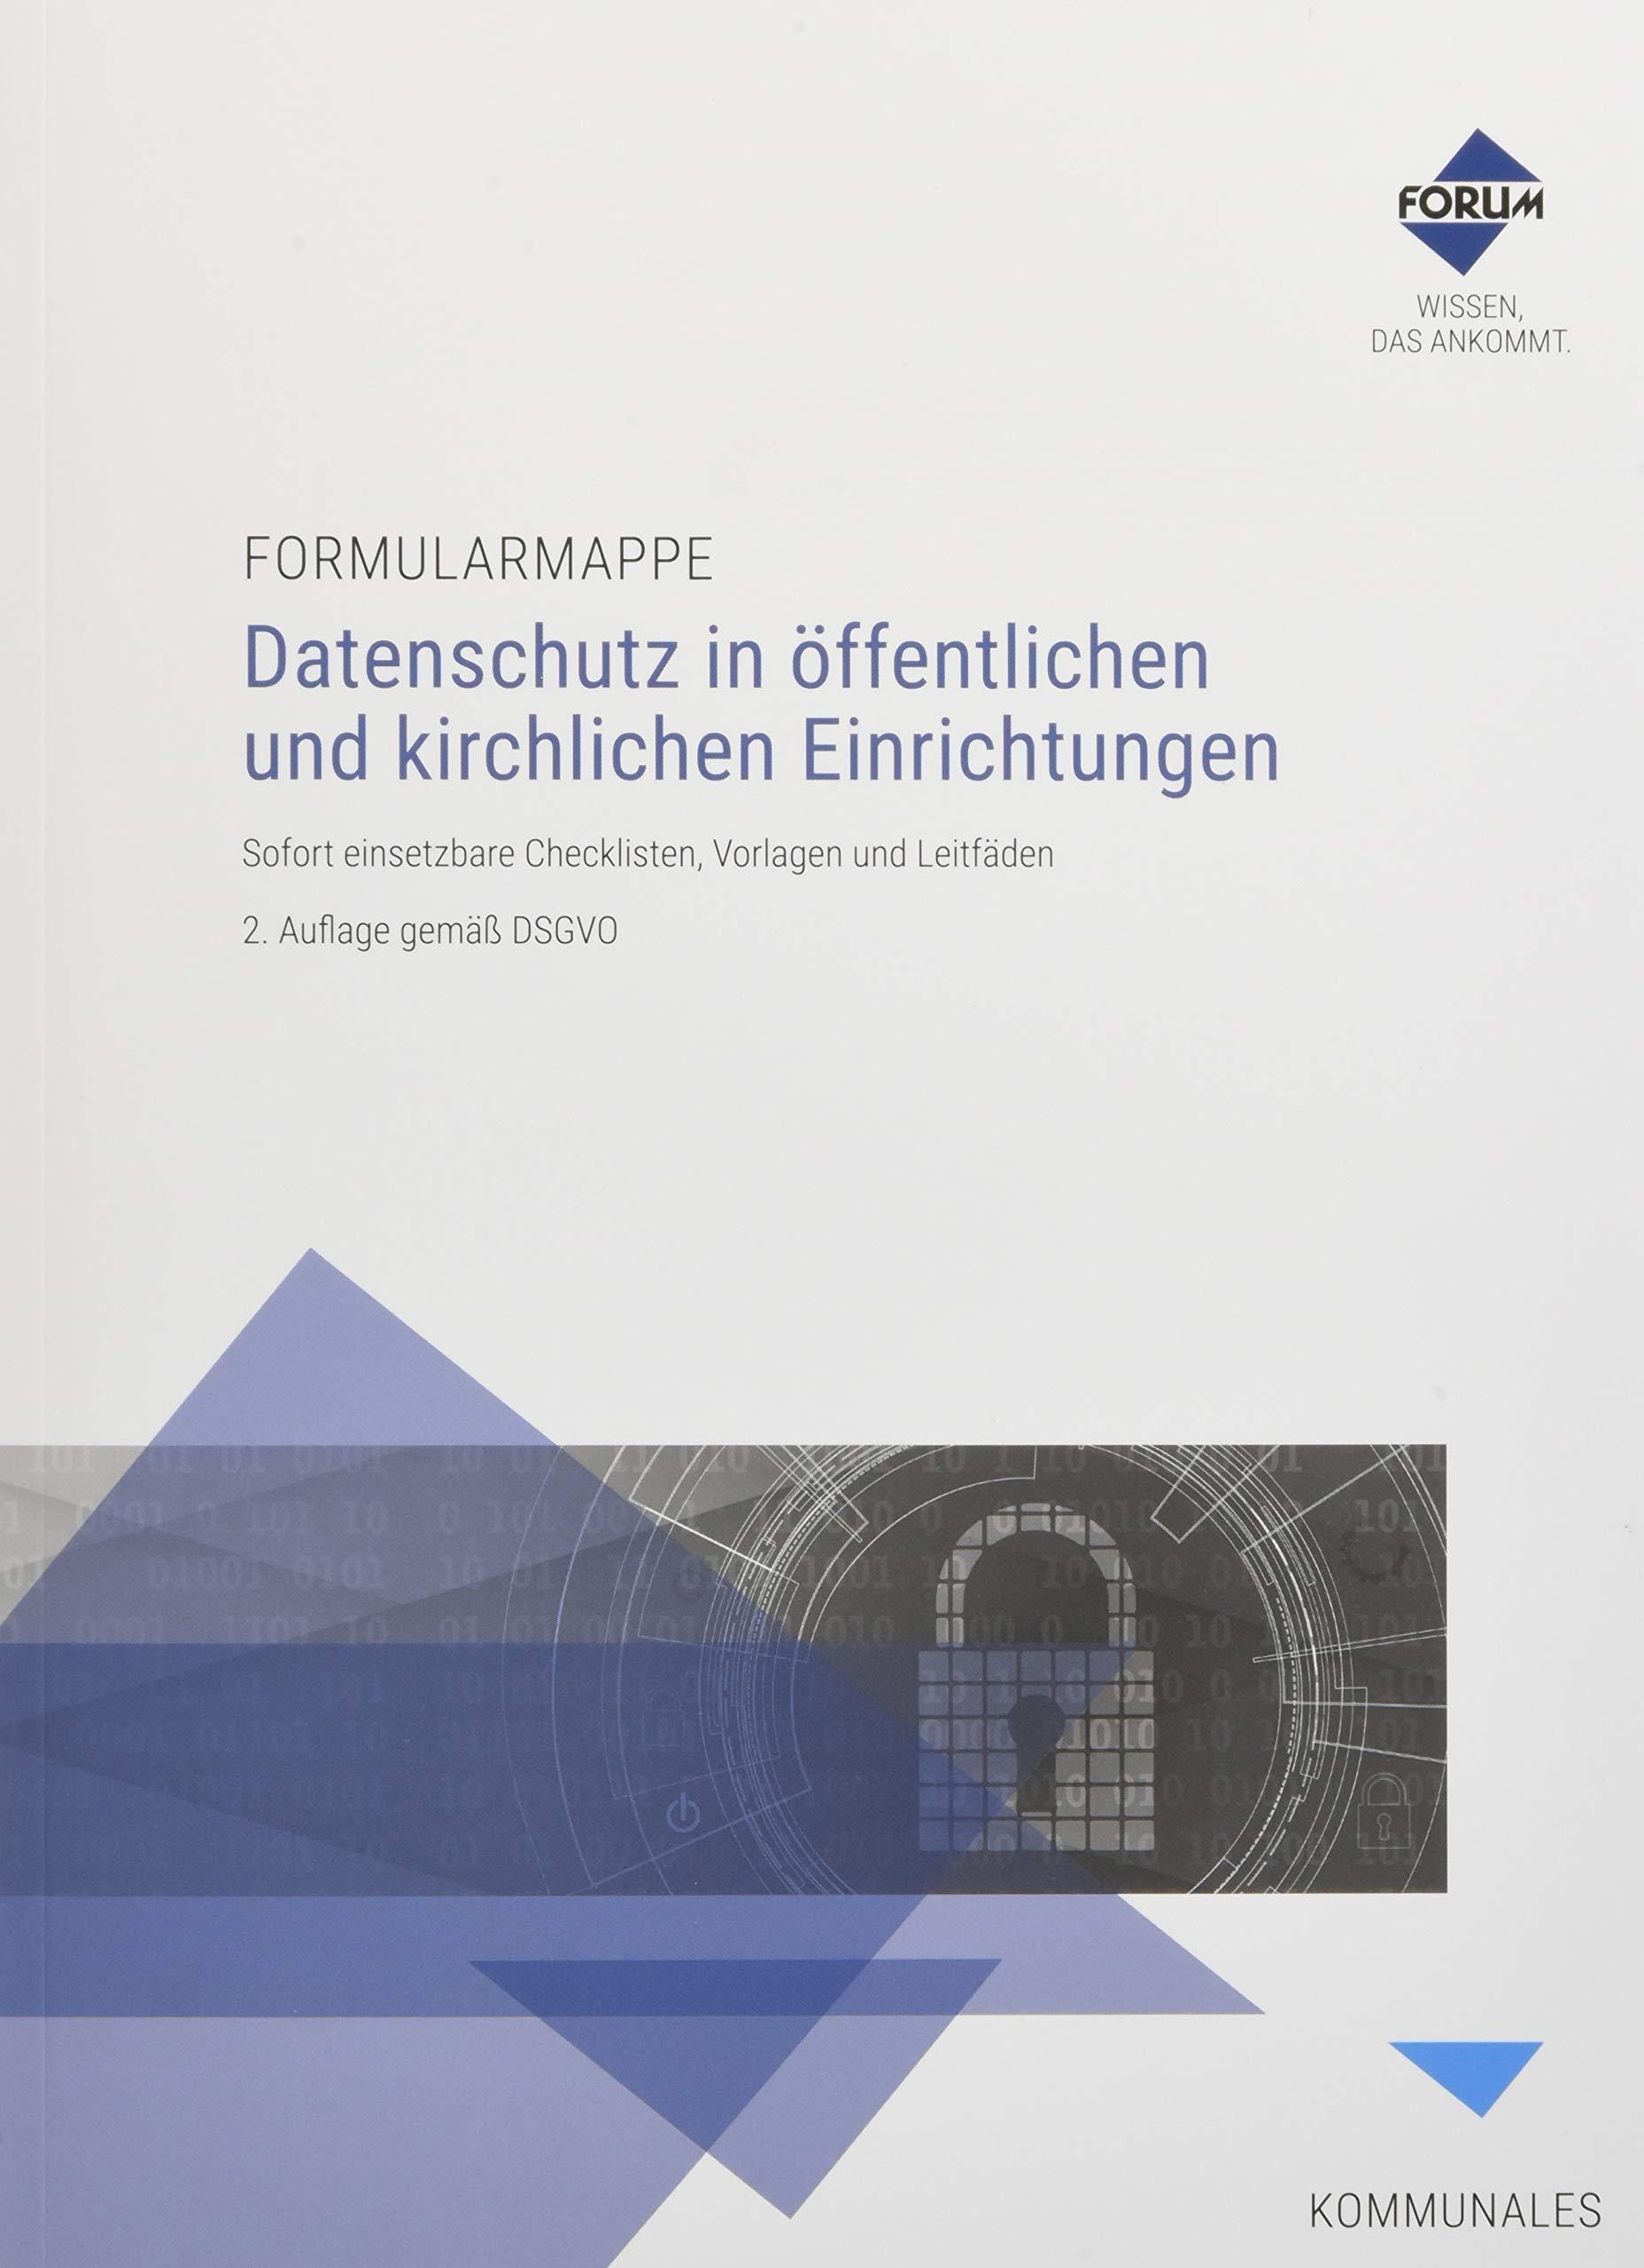 Formularmappe Datenschutz in öffentlichen und kirchlichen Einrichtungen Taschenbuch – 18. April 2018 Forum Verlag Herkert GmbH 3963140291 Handels- und Wirtschaftsrecht Arbeitsrecht